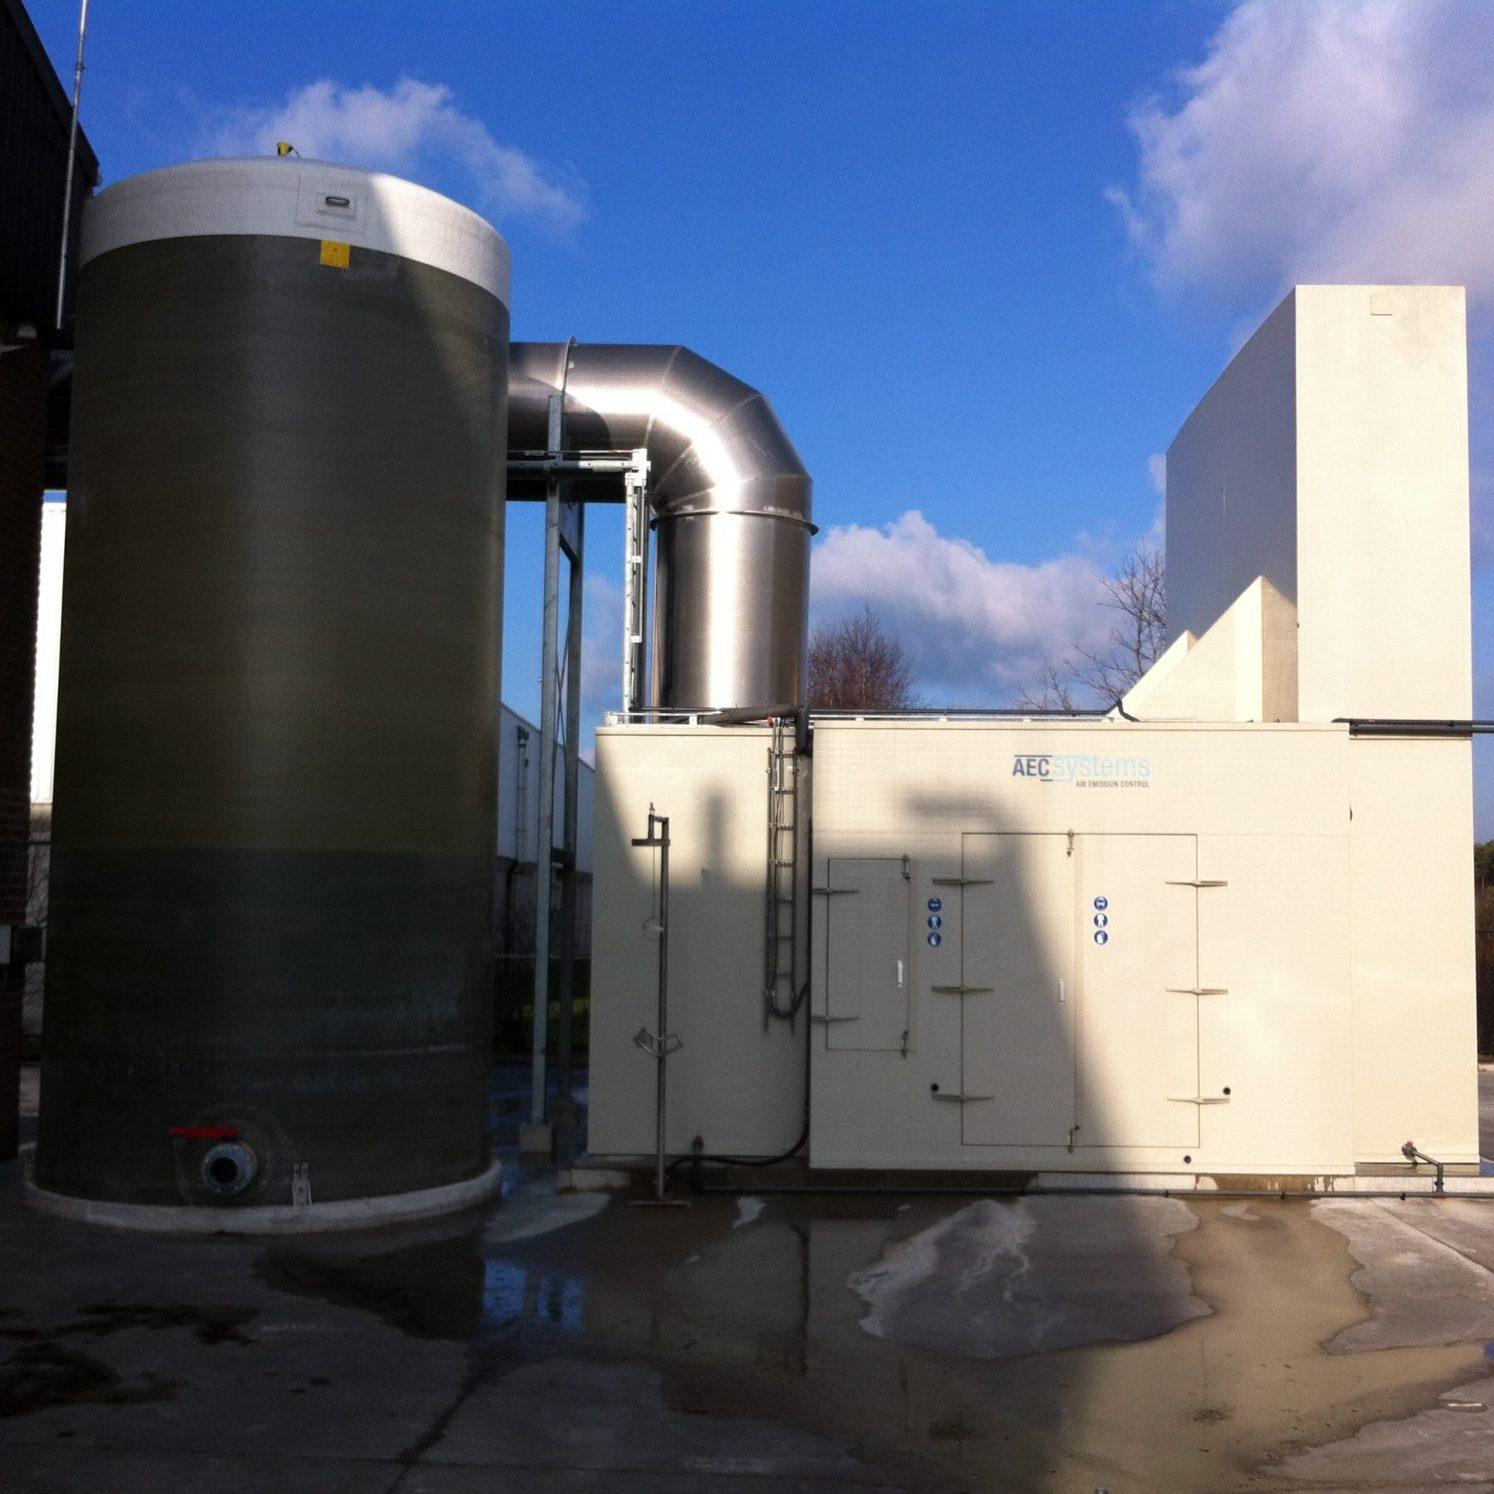 luchtwasser AEC scrubber